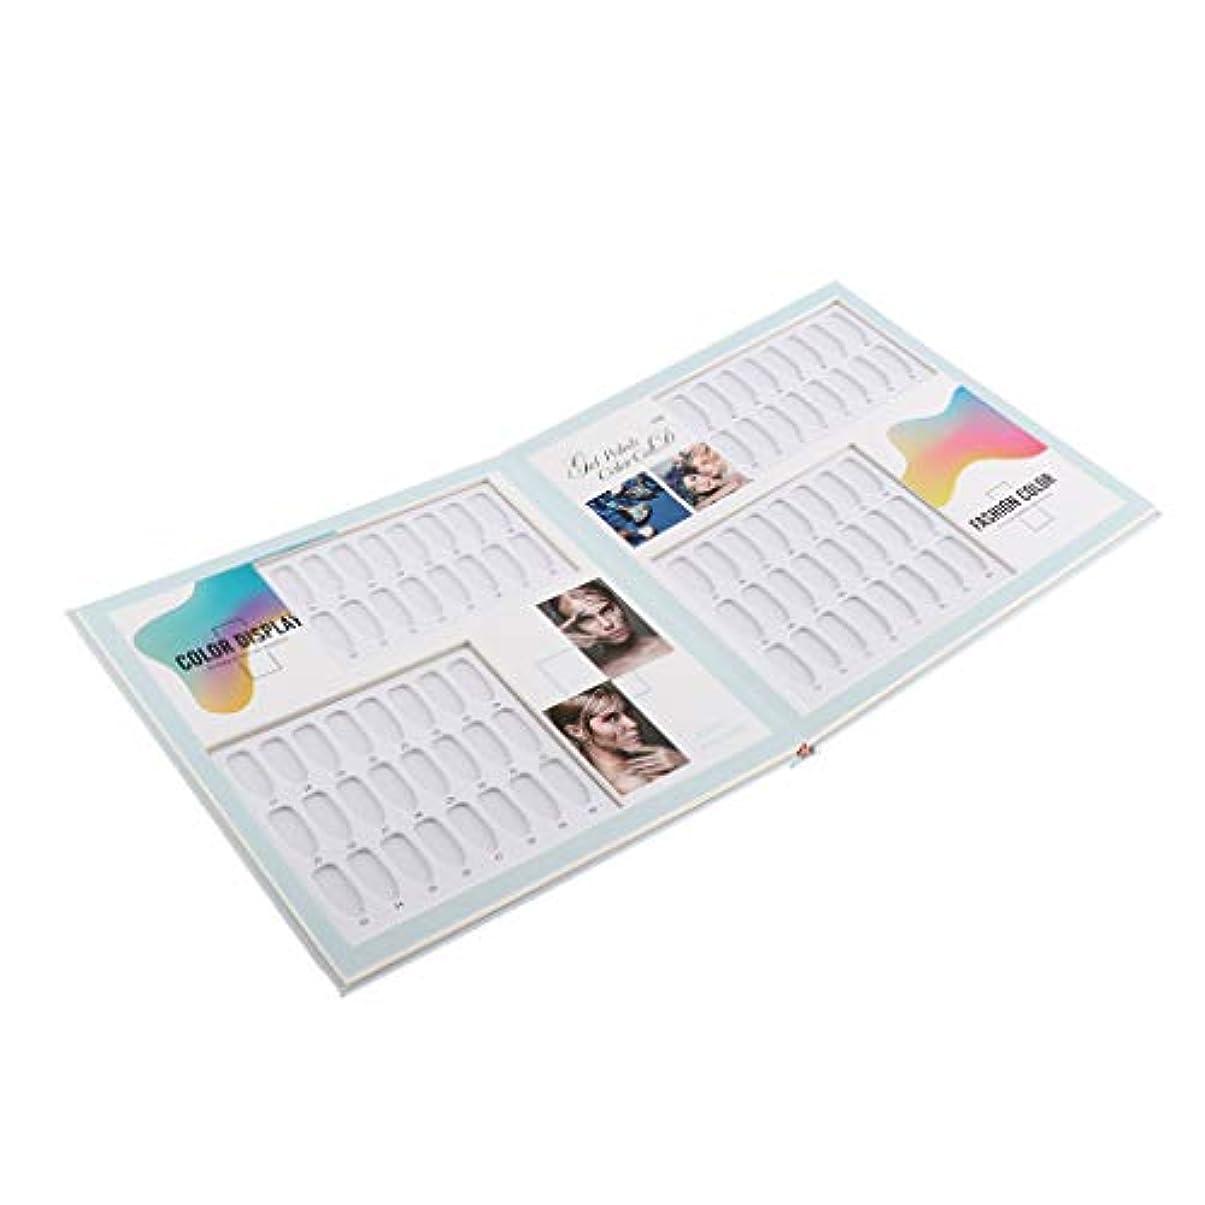 花弁むしゃむしゃ小包ネイルカラーガイド ネイルアート マニキュア色見本 ネイルカラーカードブック ネイルディスプレイ 全3種 - 01